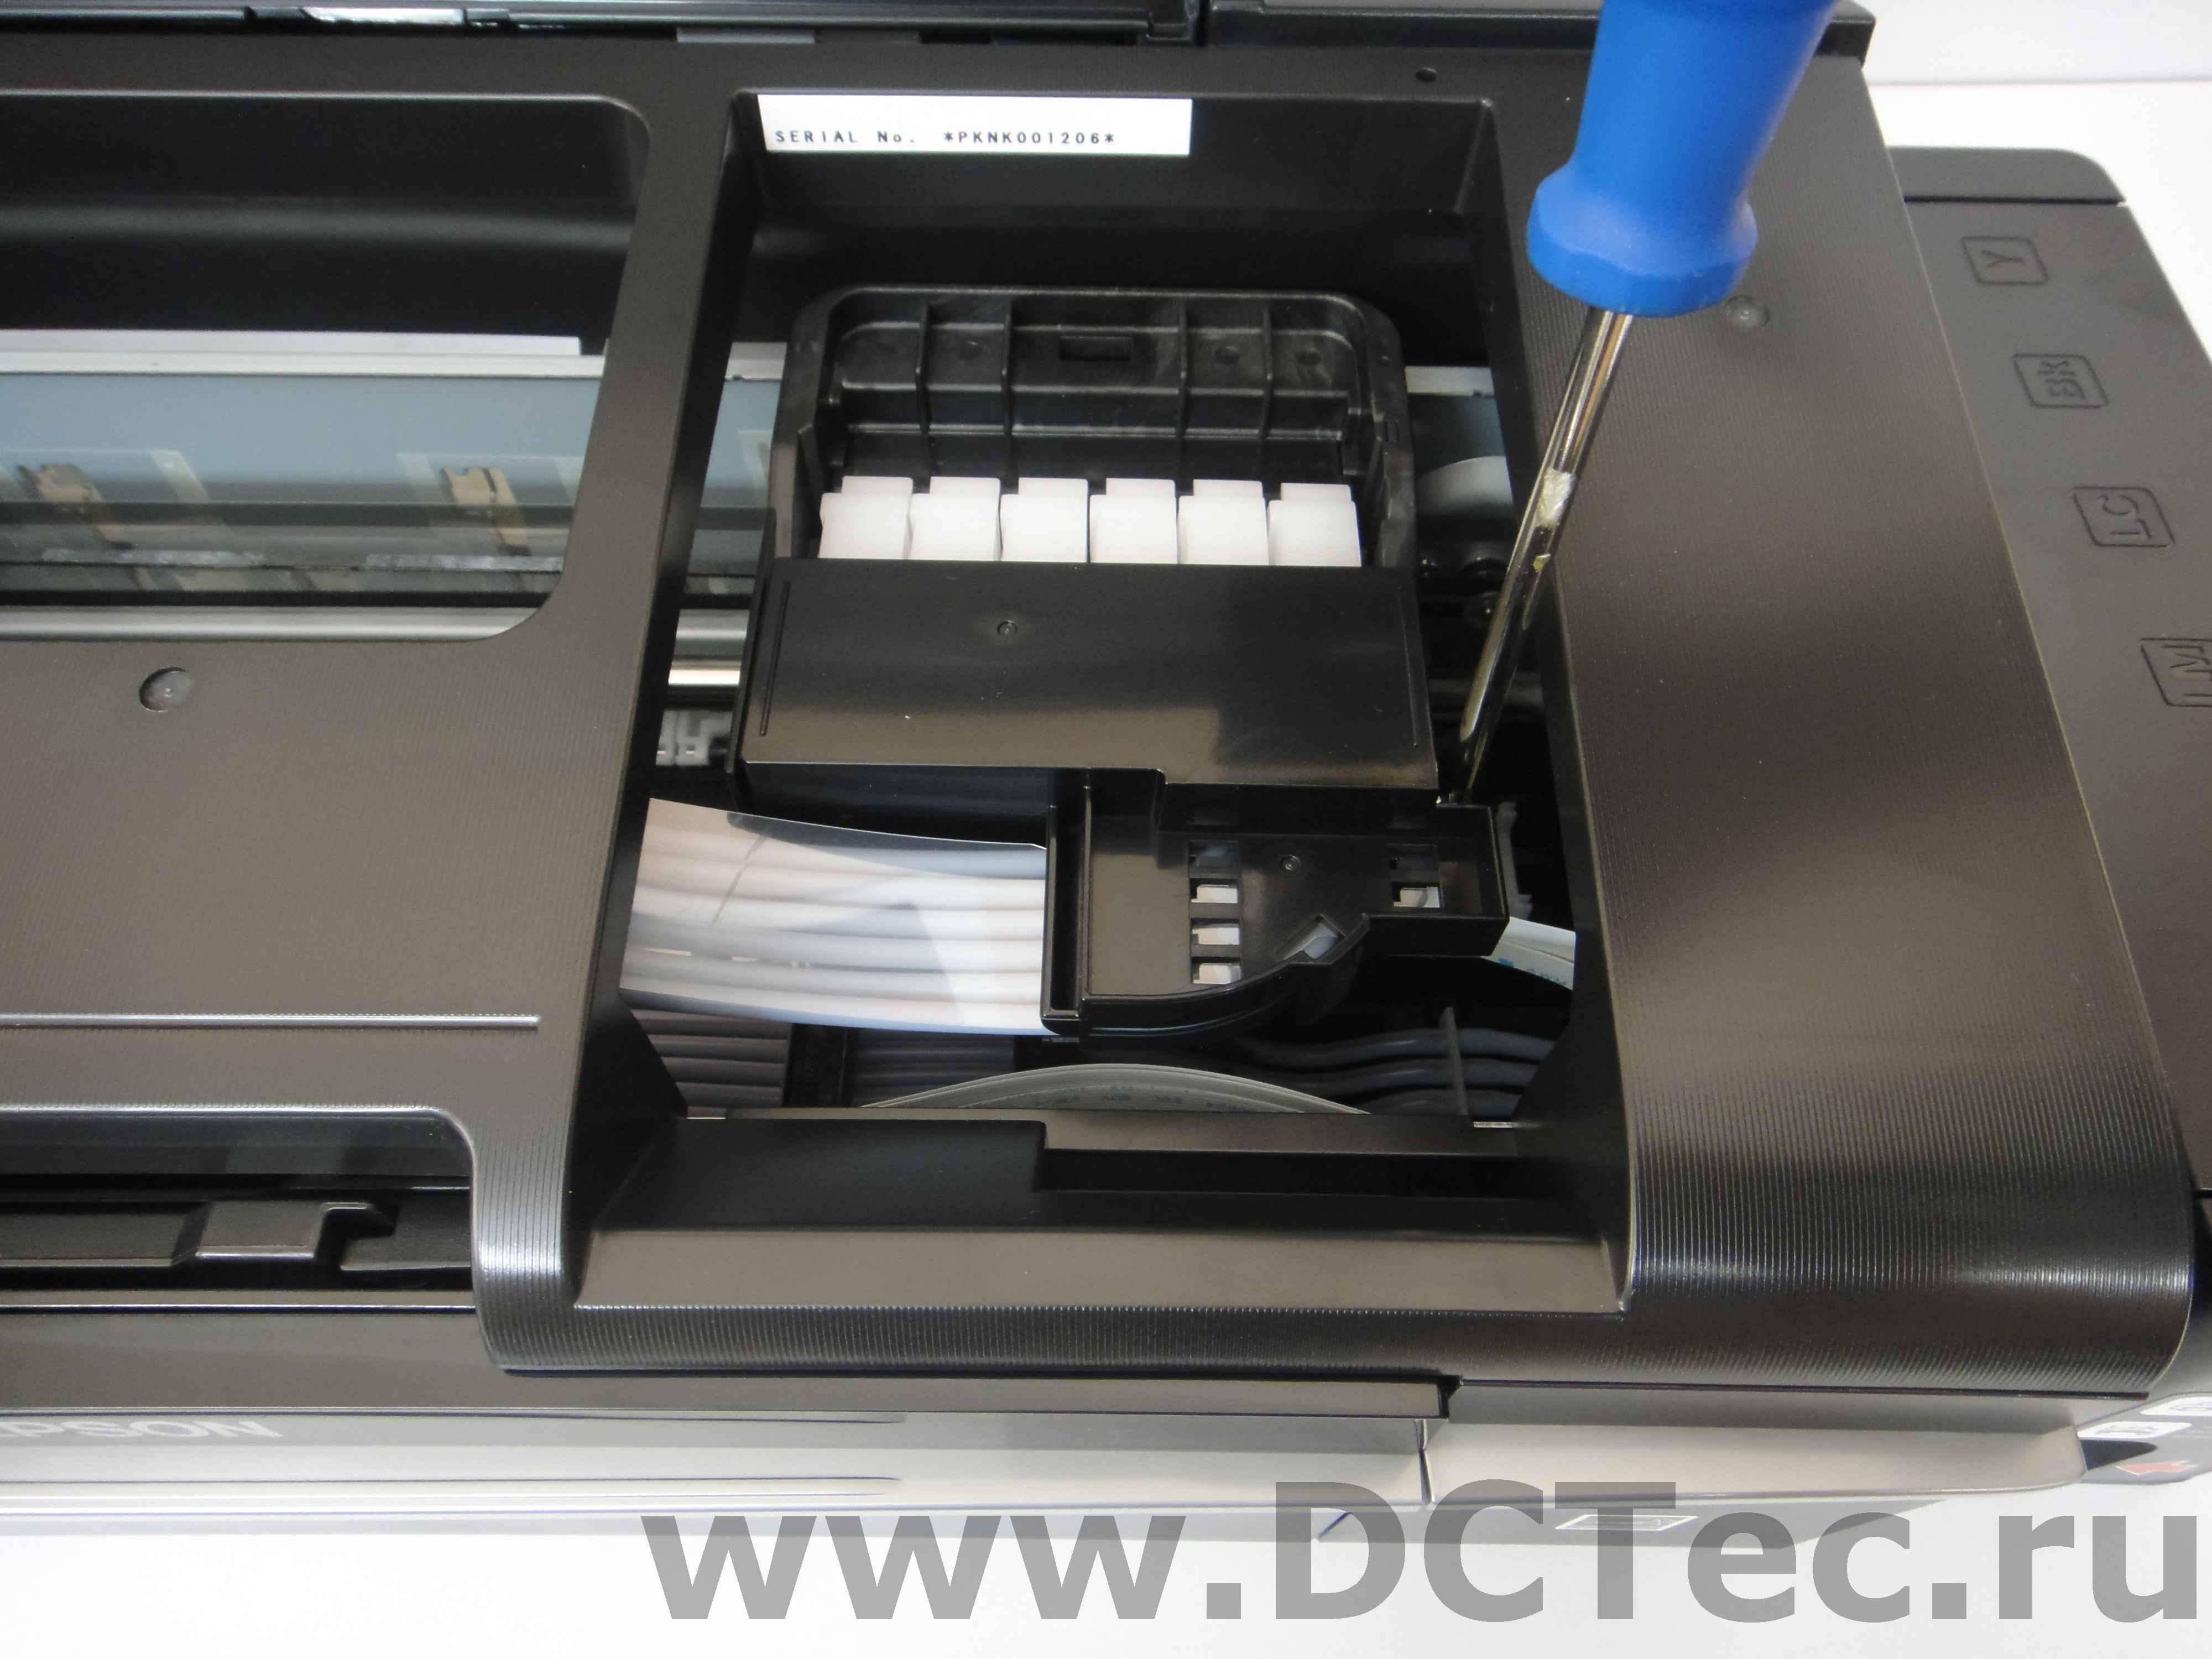 Ремонт принтеров эпсон в минске width